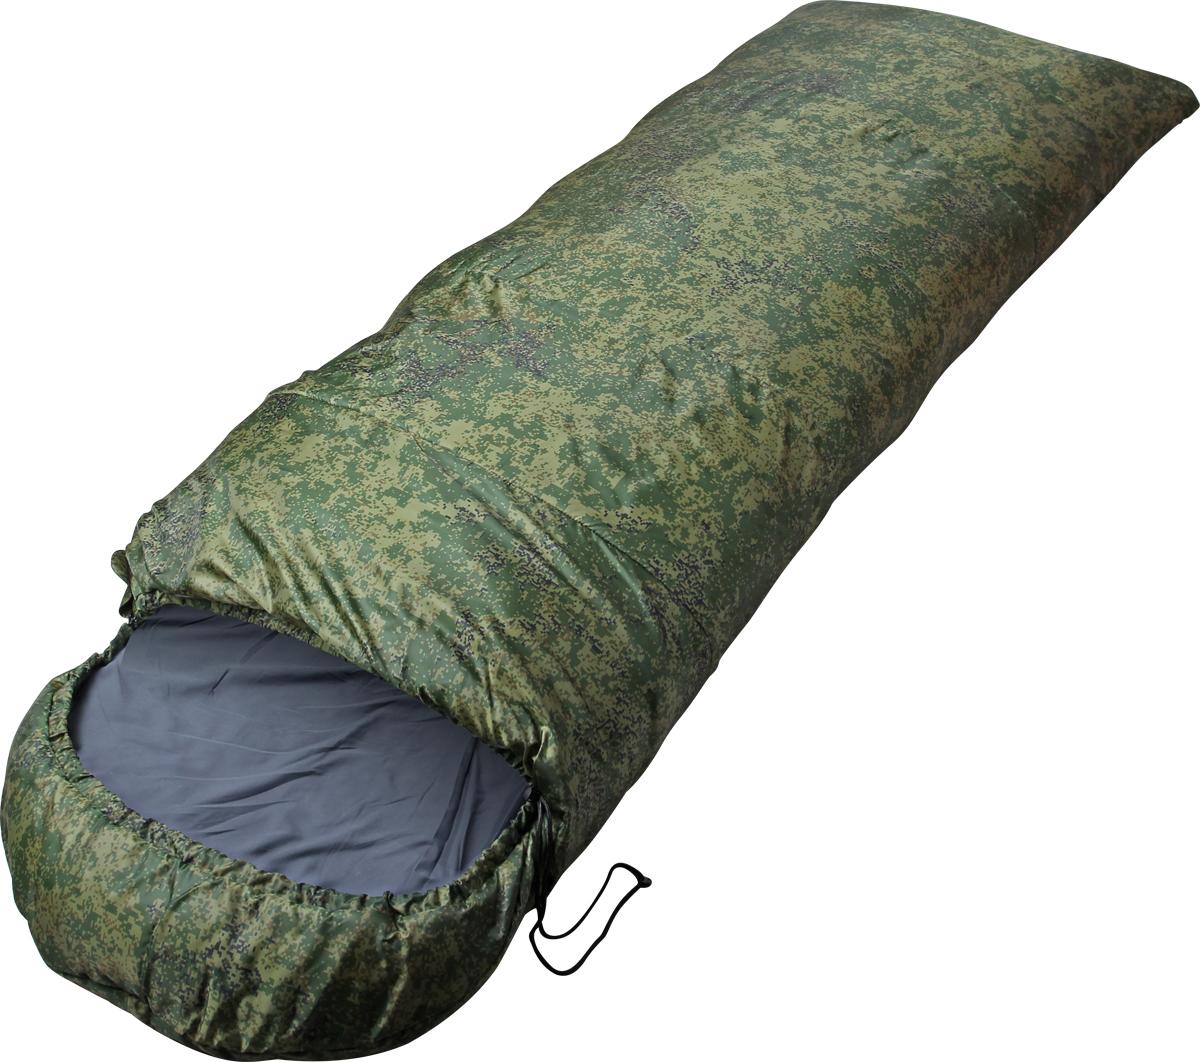 Мешок спальный Сплав Scout 2 K, правосторонняя молния, цвет: зеленый, 190 x 35 x 80 см